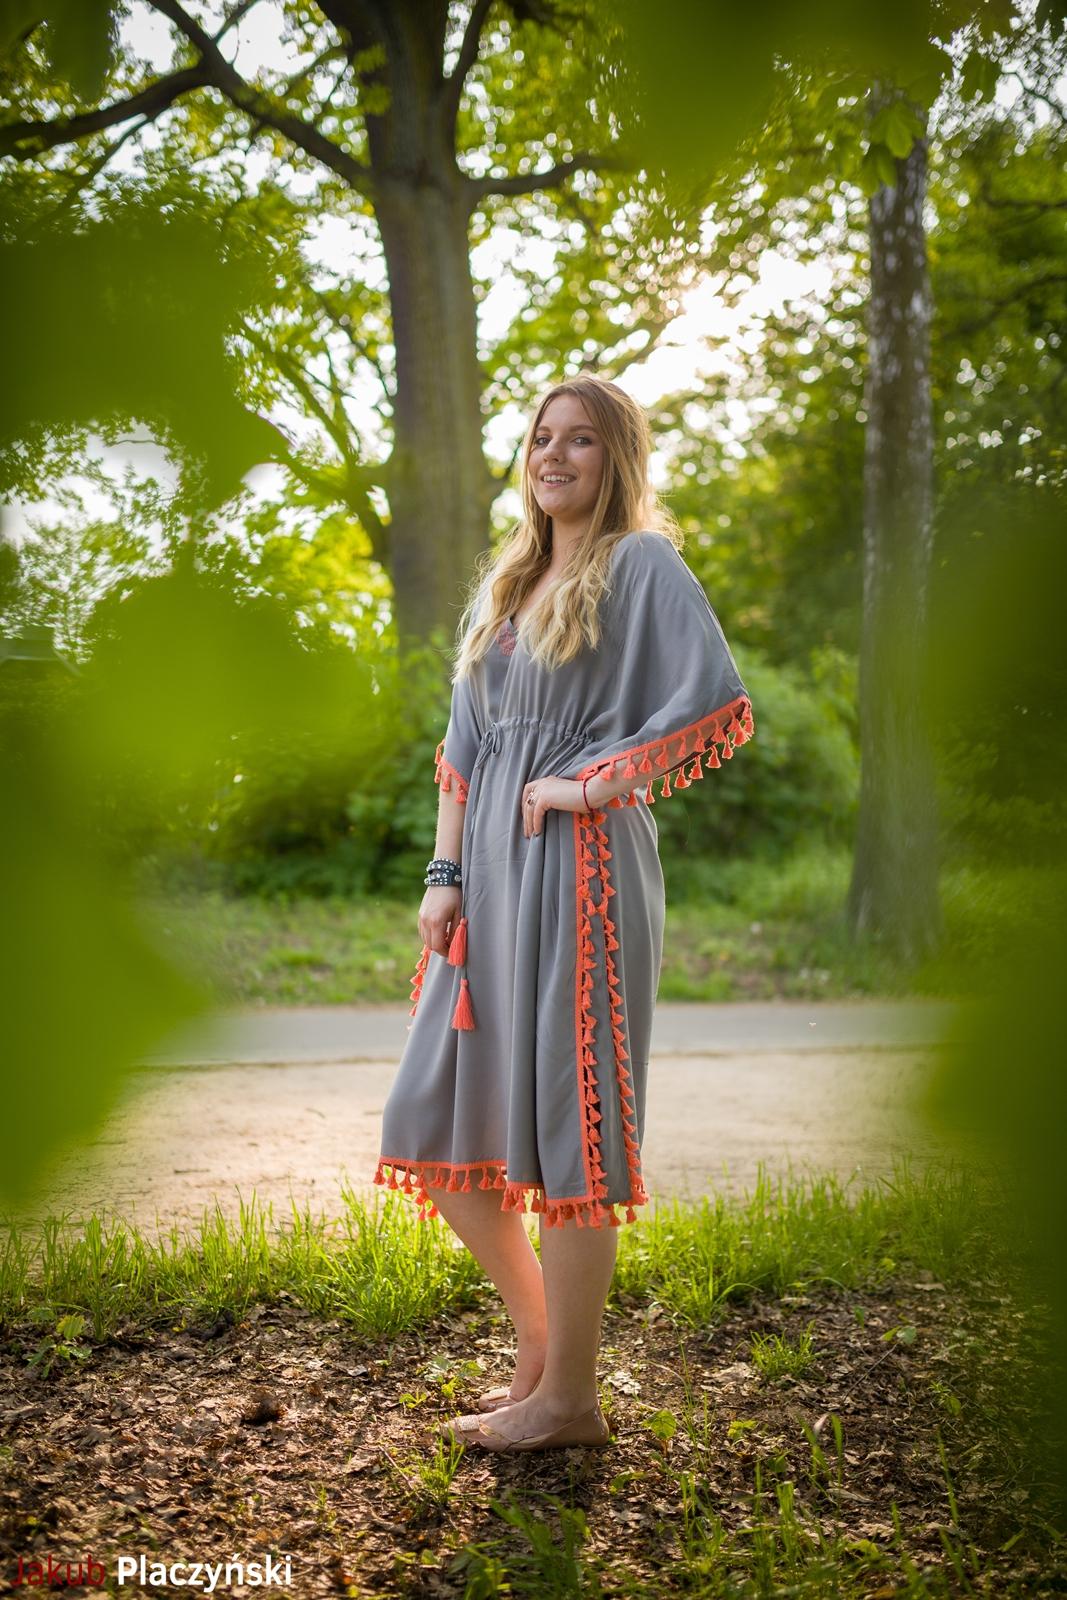 11 sukienka szara z frędzlami maxi na lato bonprix sukienki na wakacje bizuteria piotrowski kryształy svarowskiego letnia stylizacja melodylaniella sukienka dla wysokiej dziewczyny fashion moda